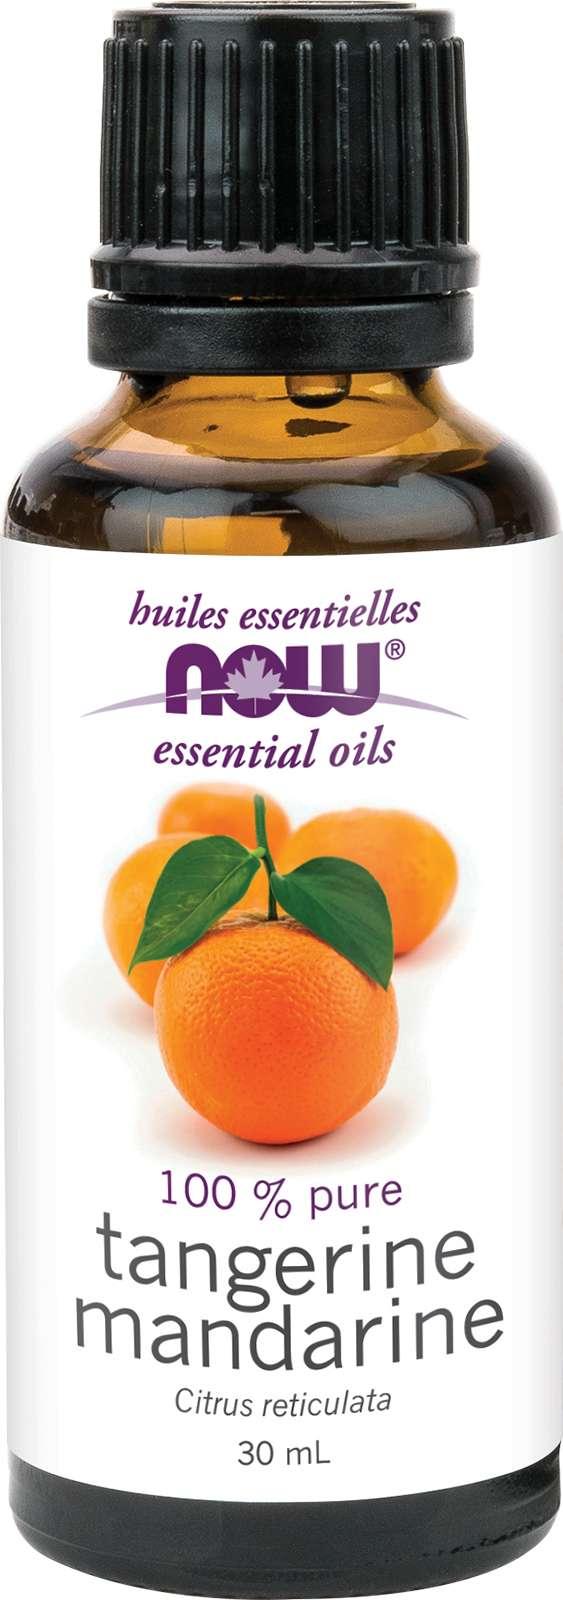 Tangerine Oil (Citrus reticulata) 30mL